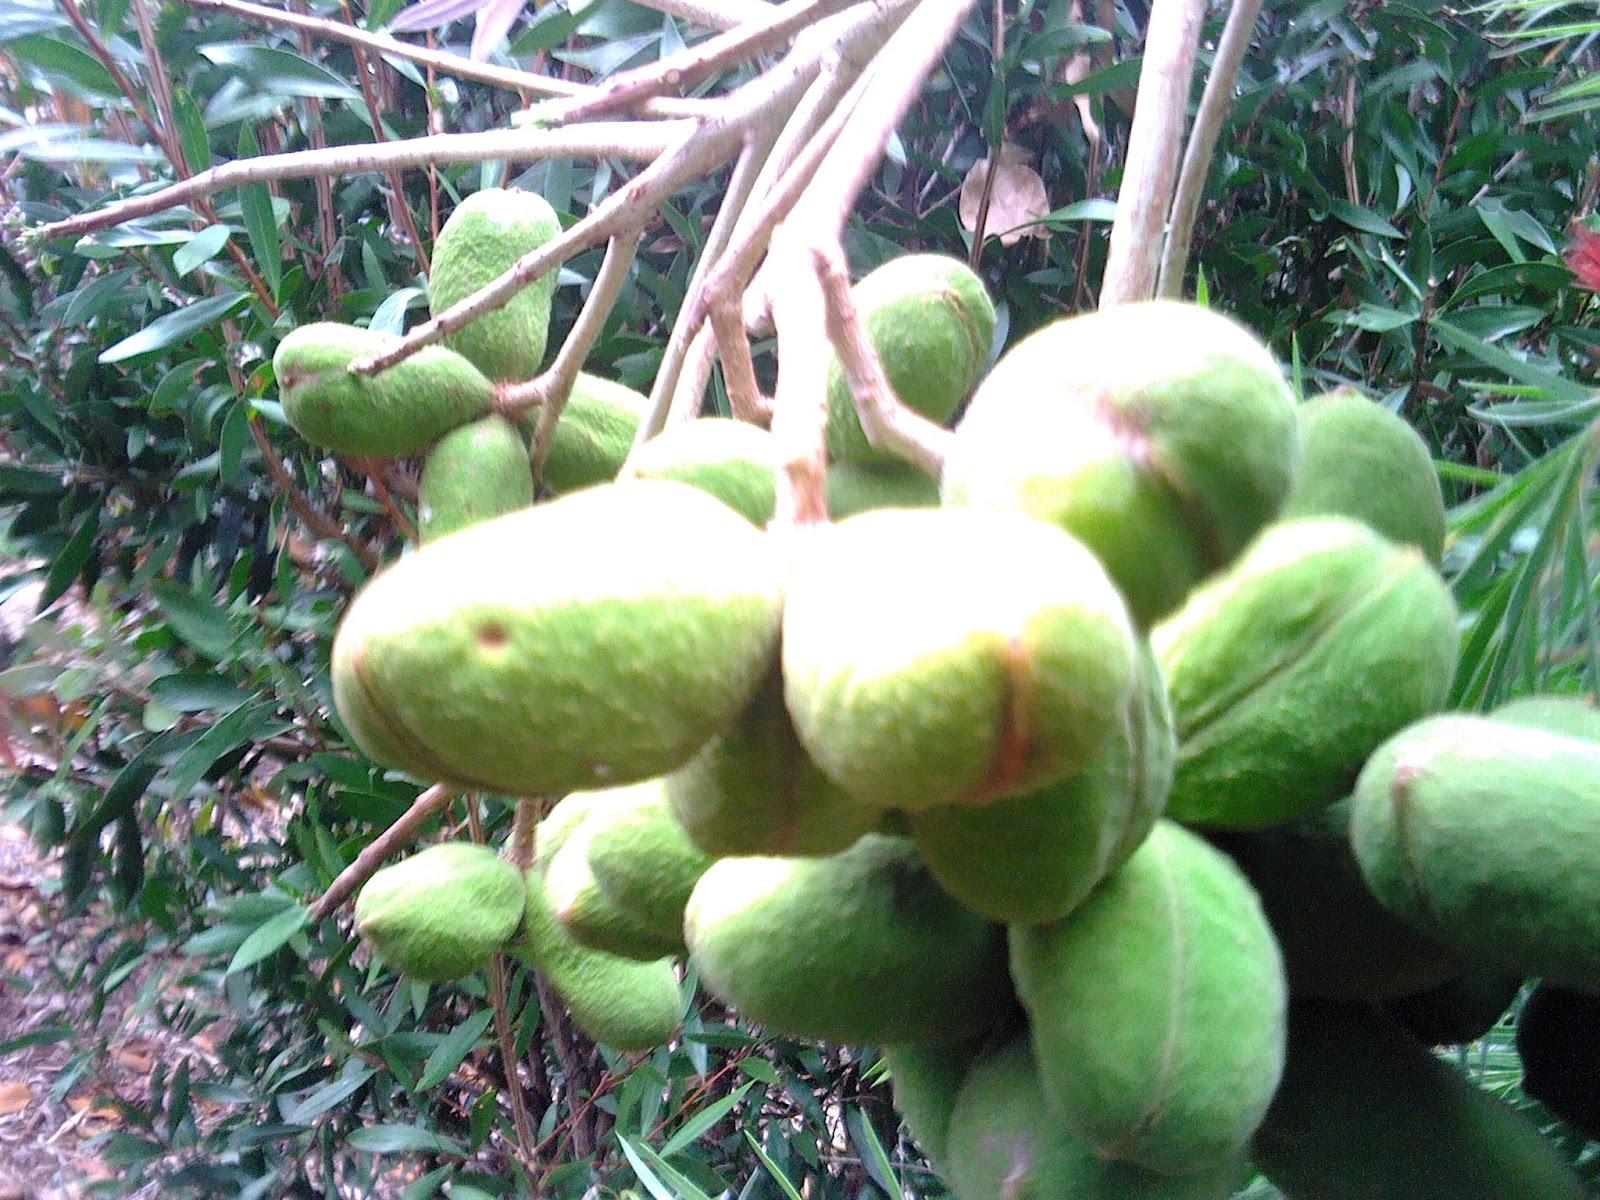 Botanist Backyard: Peanuts grow on Trees - photo#50